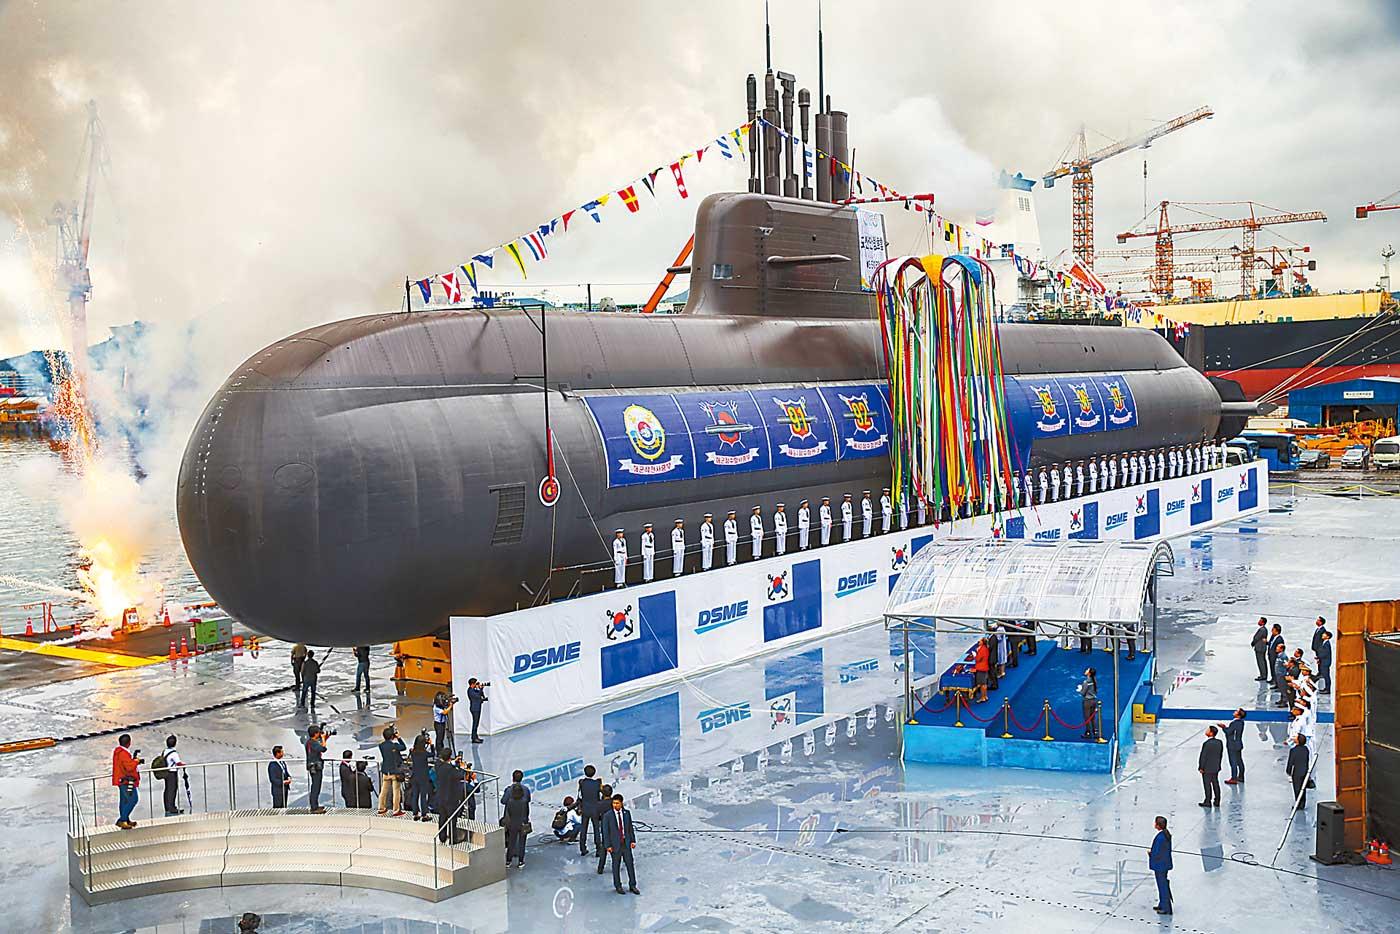 韩国新型潜艇举行下水仪式 韩总统亲自到场